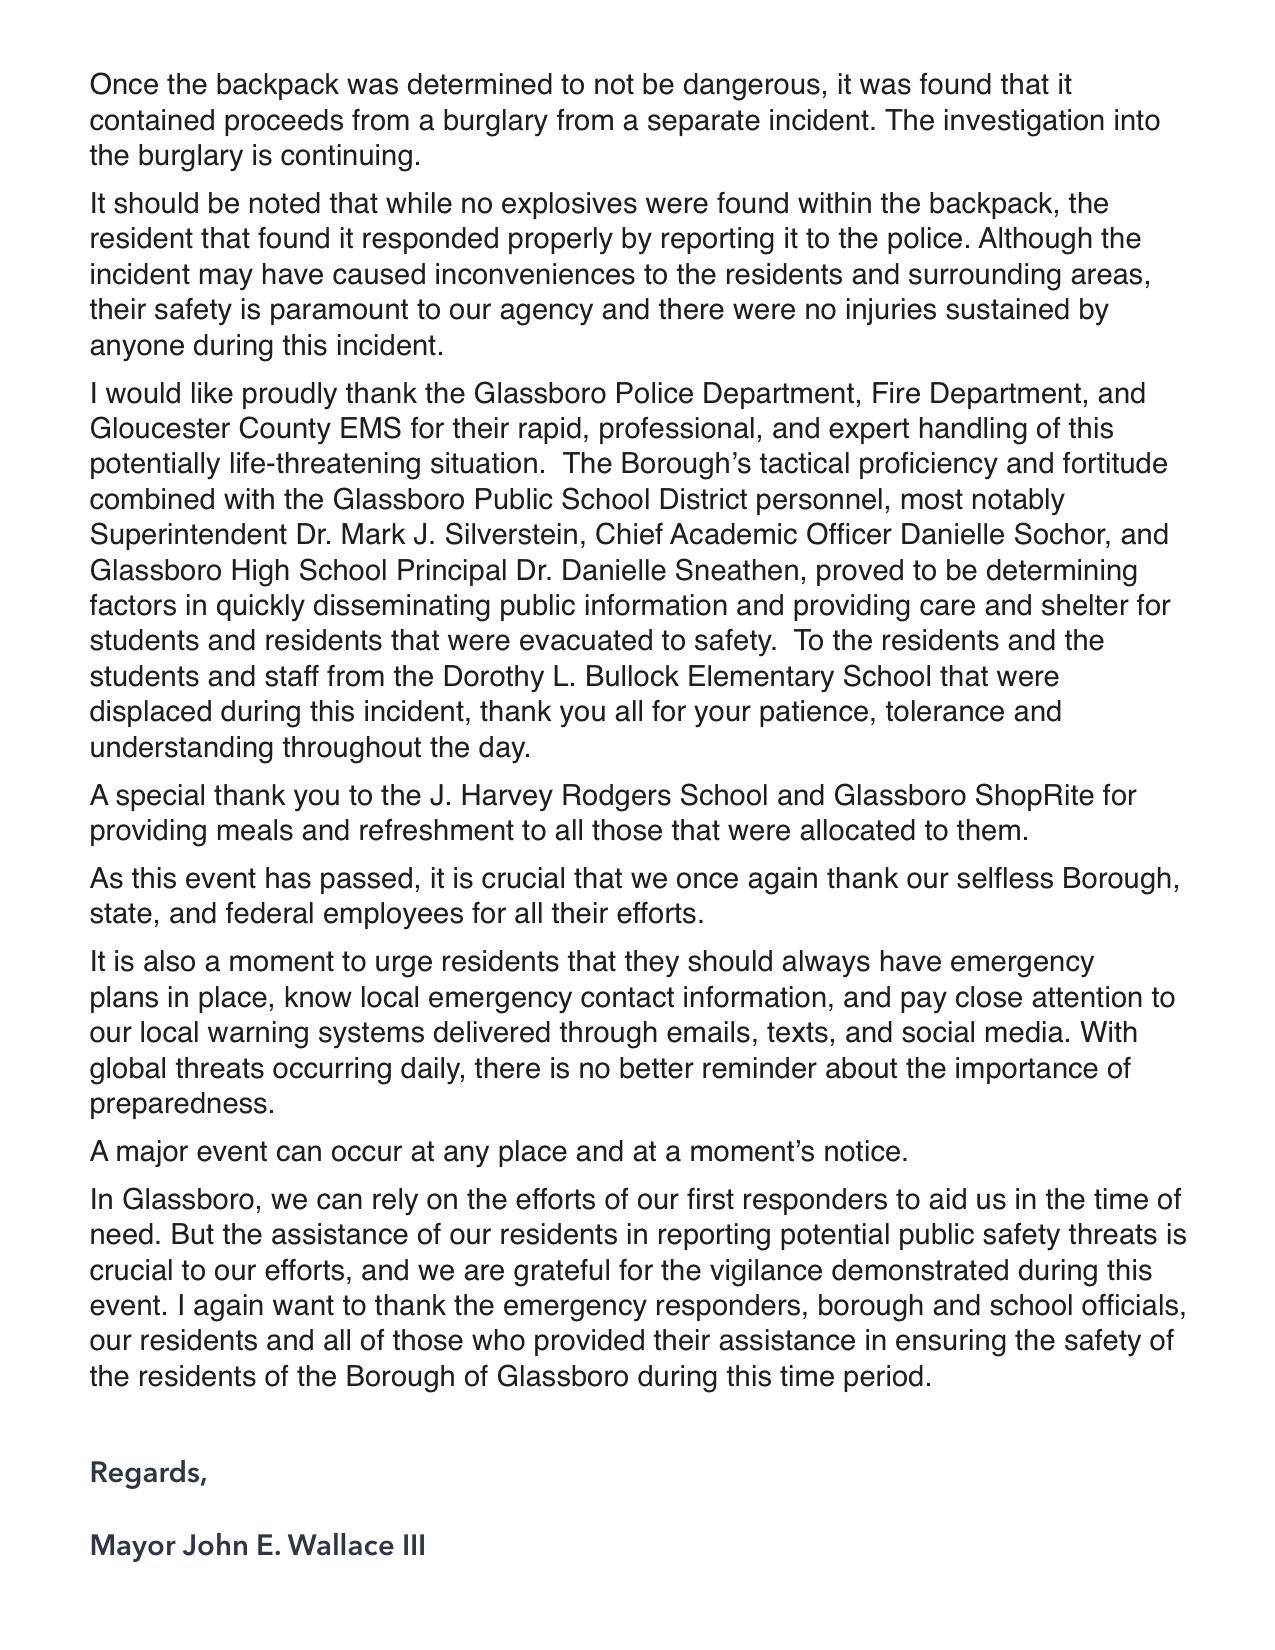 Glassboro mayor remarks Suspicious Package 2019 2.jpeg